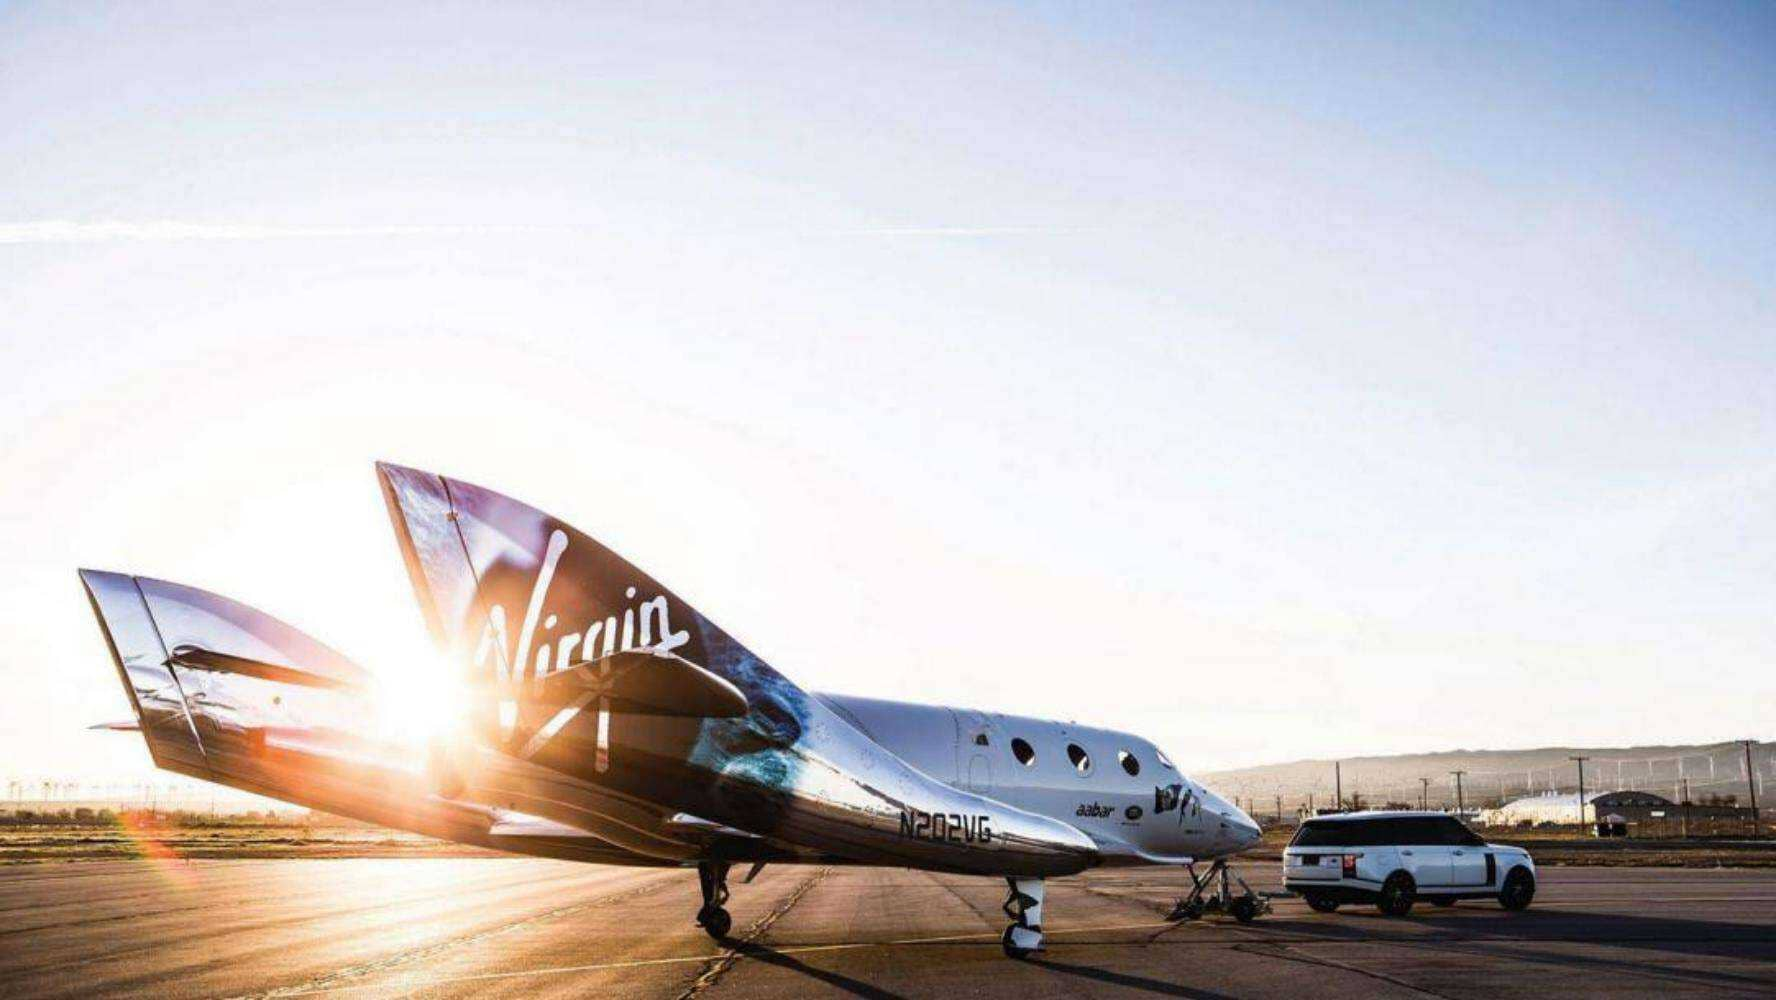 О стремительном развитии компании Virgin Galactic Holdings